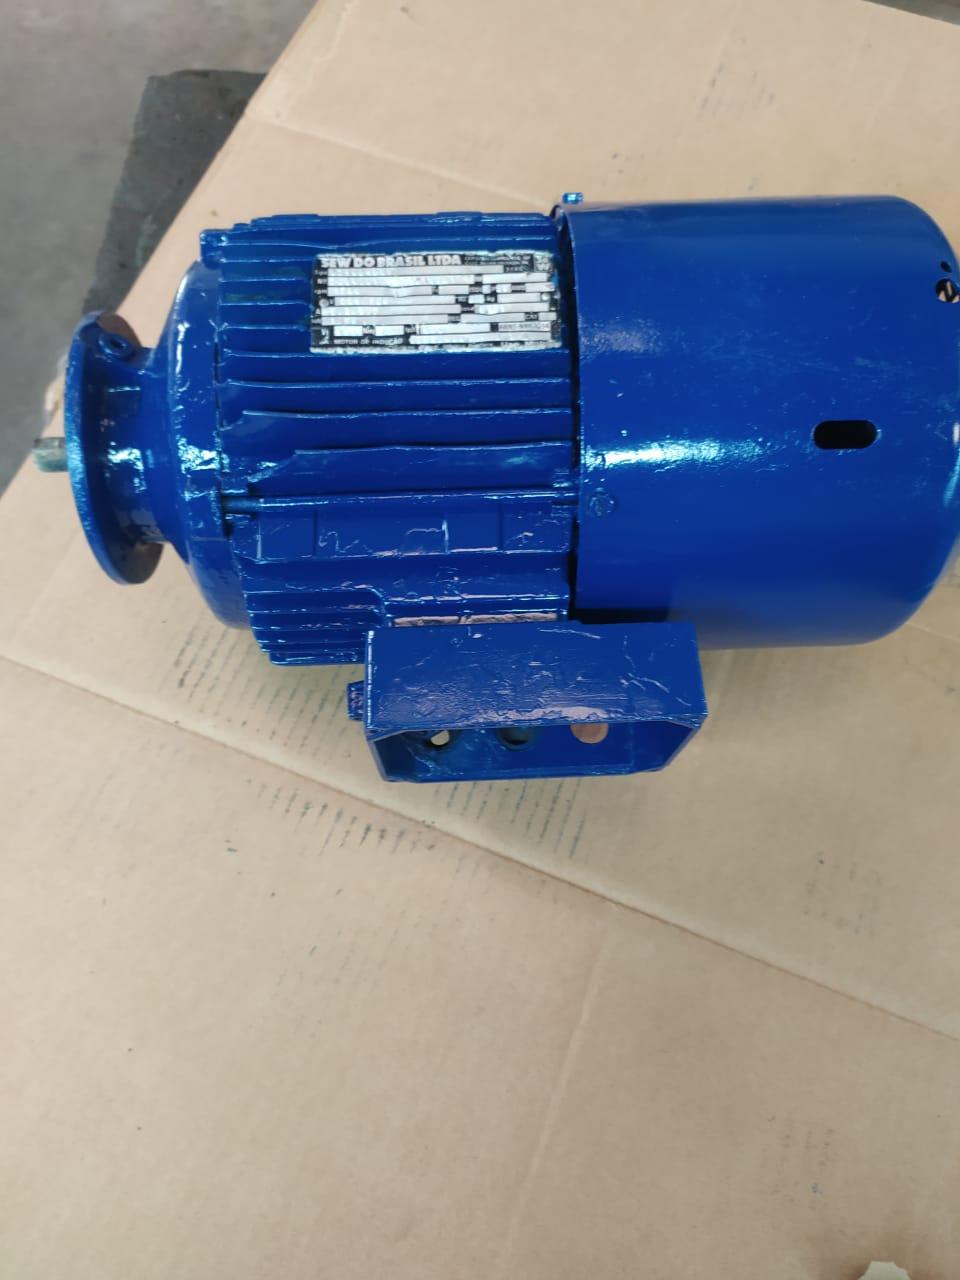 MotoFreio Motor SEW Trifásico 2CV 1.5KW 4 Polos 1720Rpm Blindado Flange Din 80 B14 220V Usado